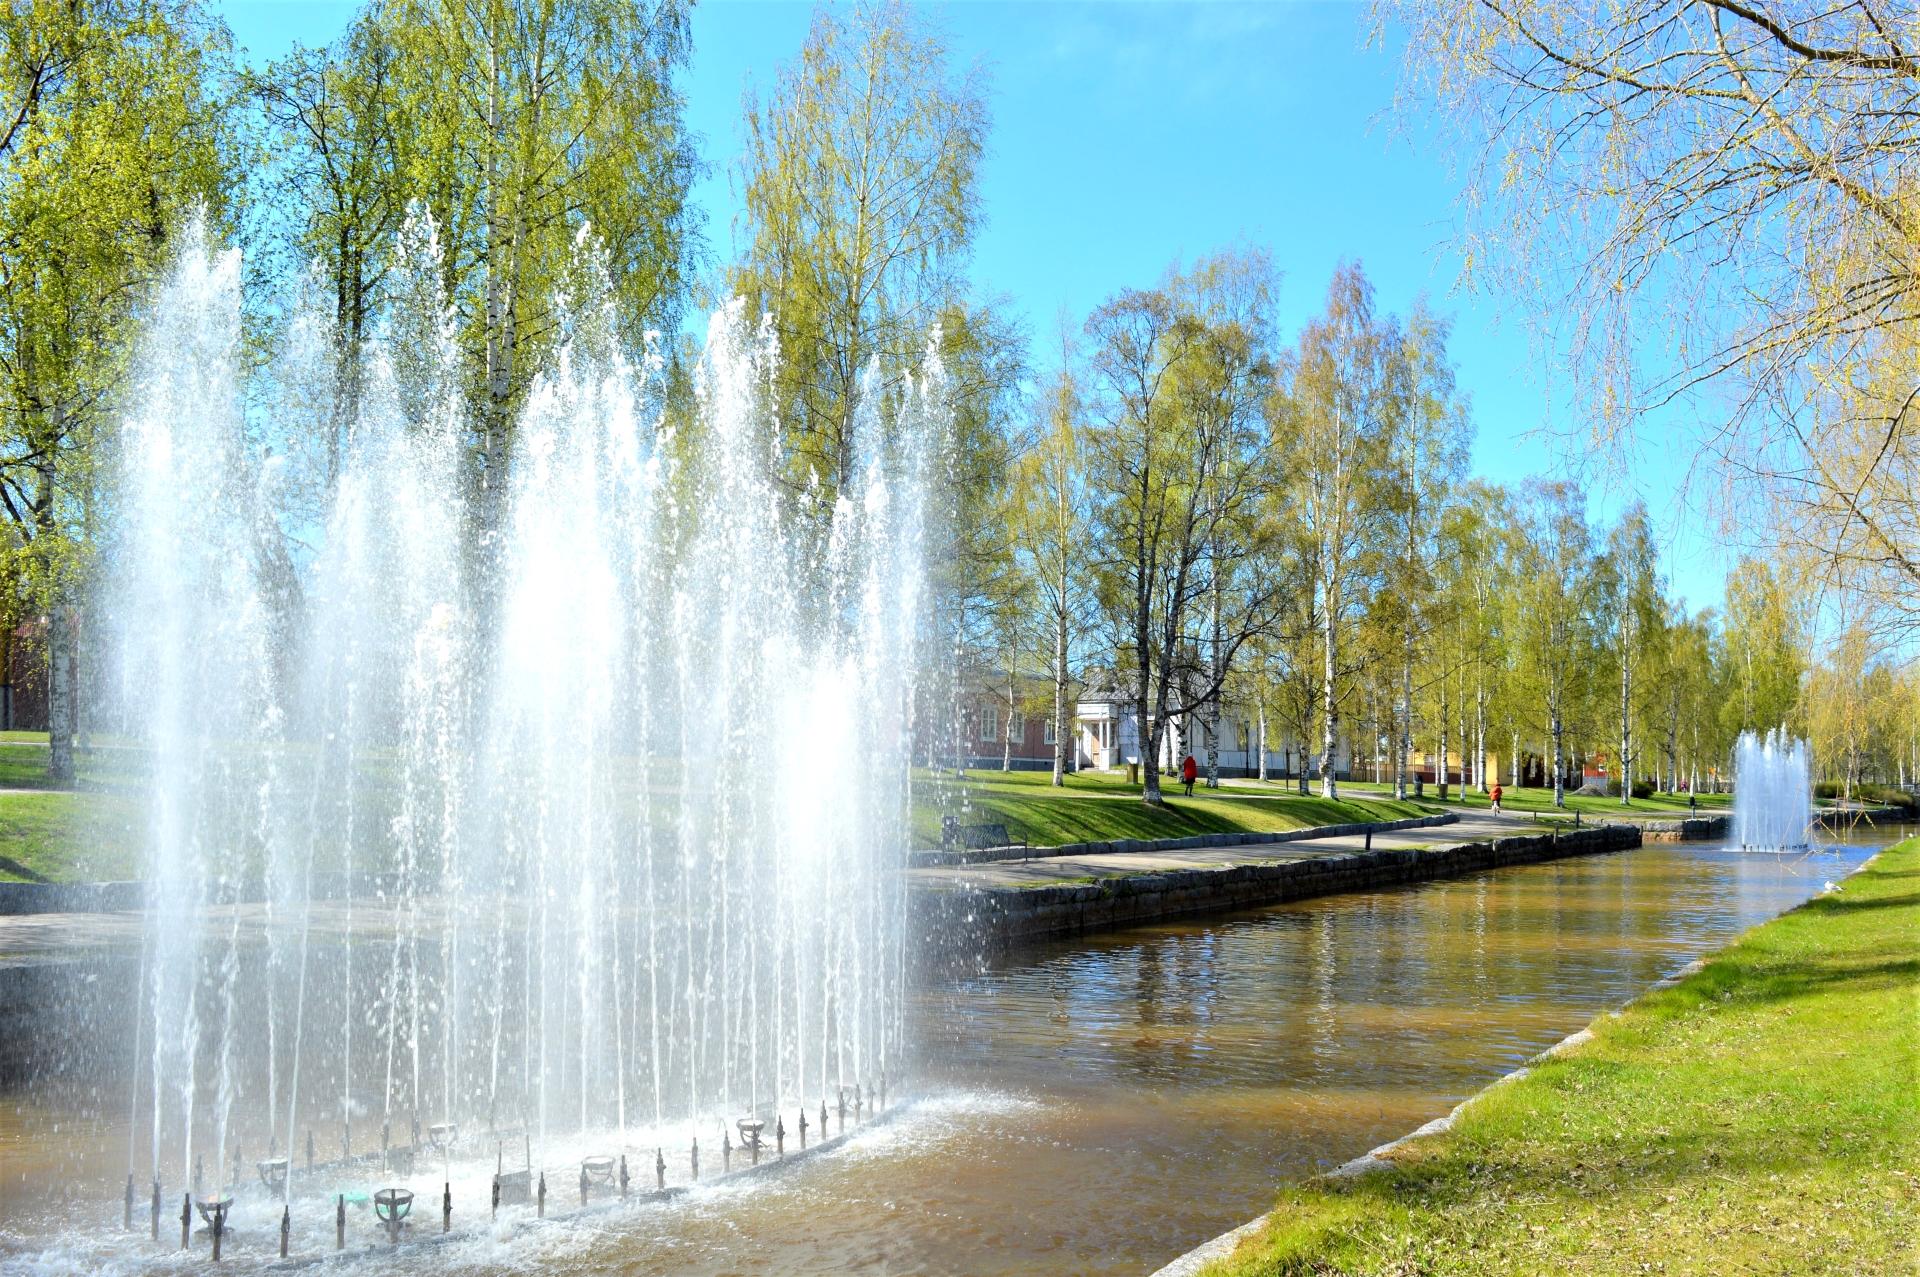 Kokkolan kaupunginsalmi Suntin suihkulähteet tuovat tunnelmaa katukuvaan kesäisin. Kesäinen ilma on kutsunut kaupunkilaisia kävelylle Suntin varrelle. Kesä on juuri puhkeamassa kukkaan.